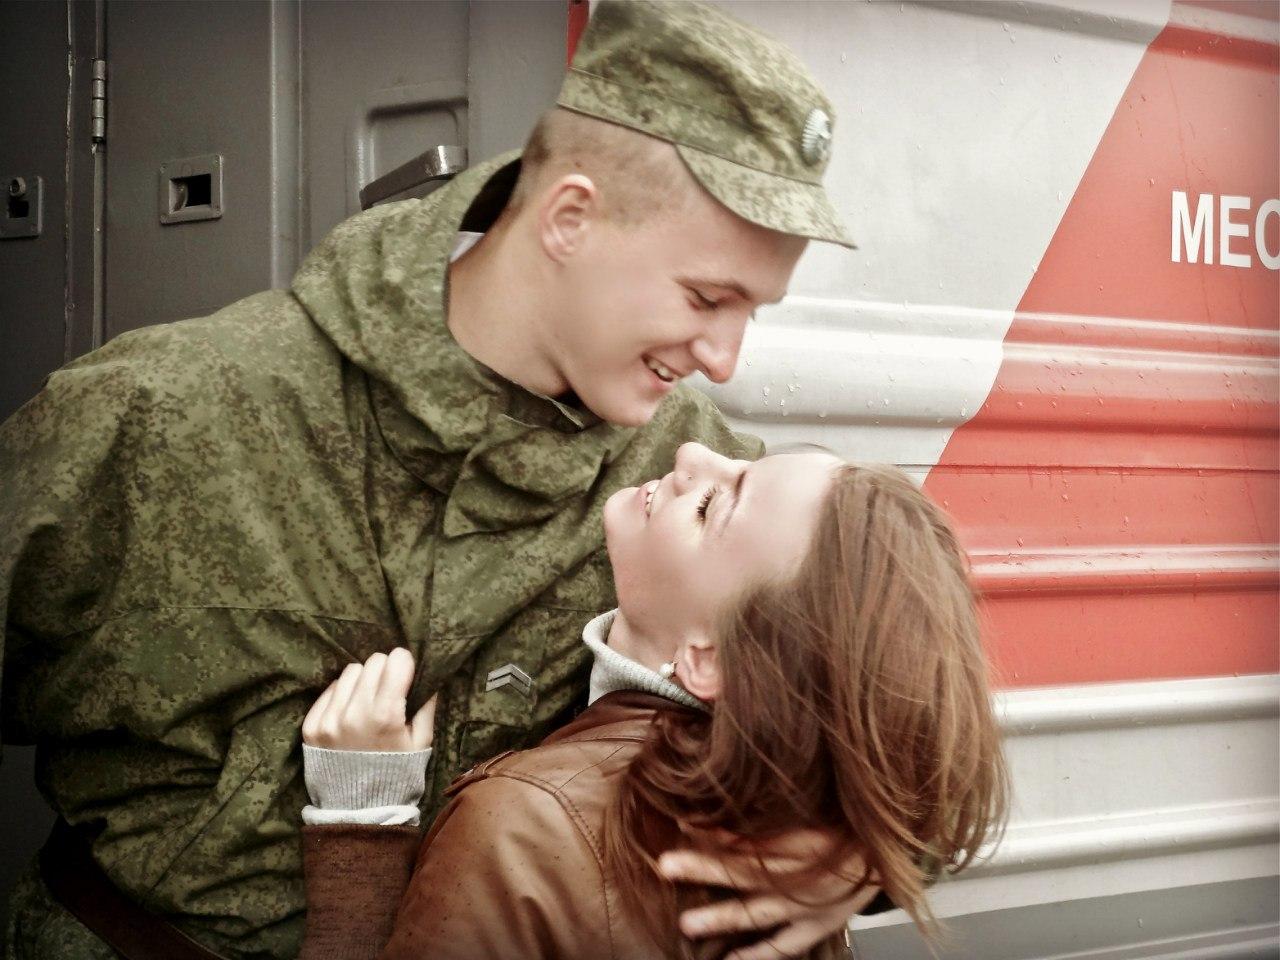 Сестра встречает брата с армии 11 фотография